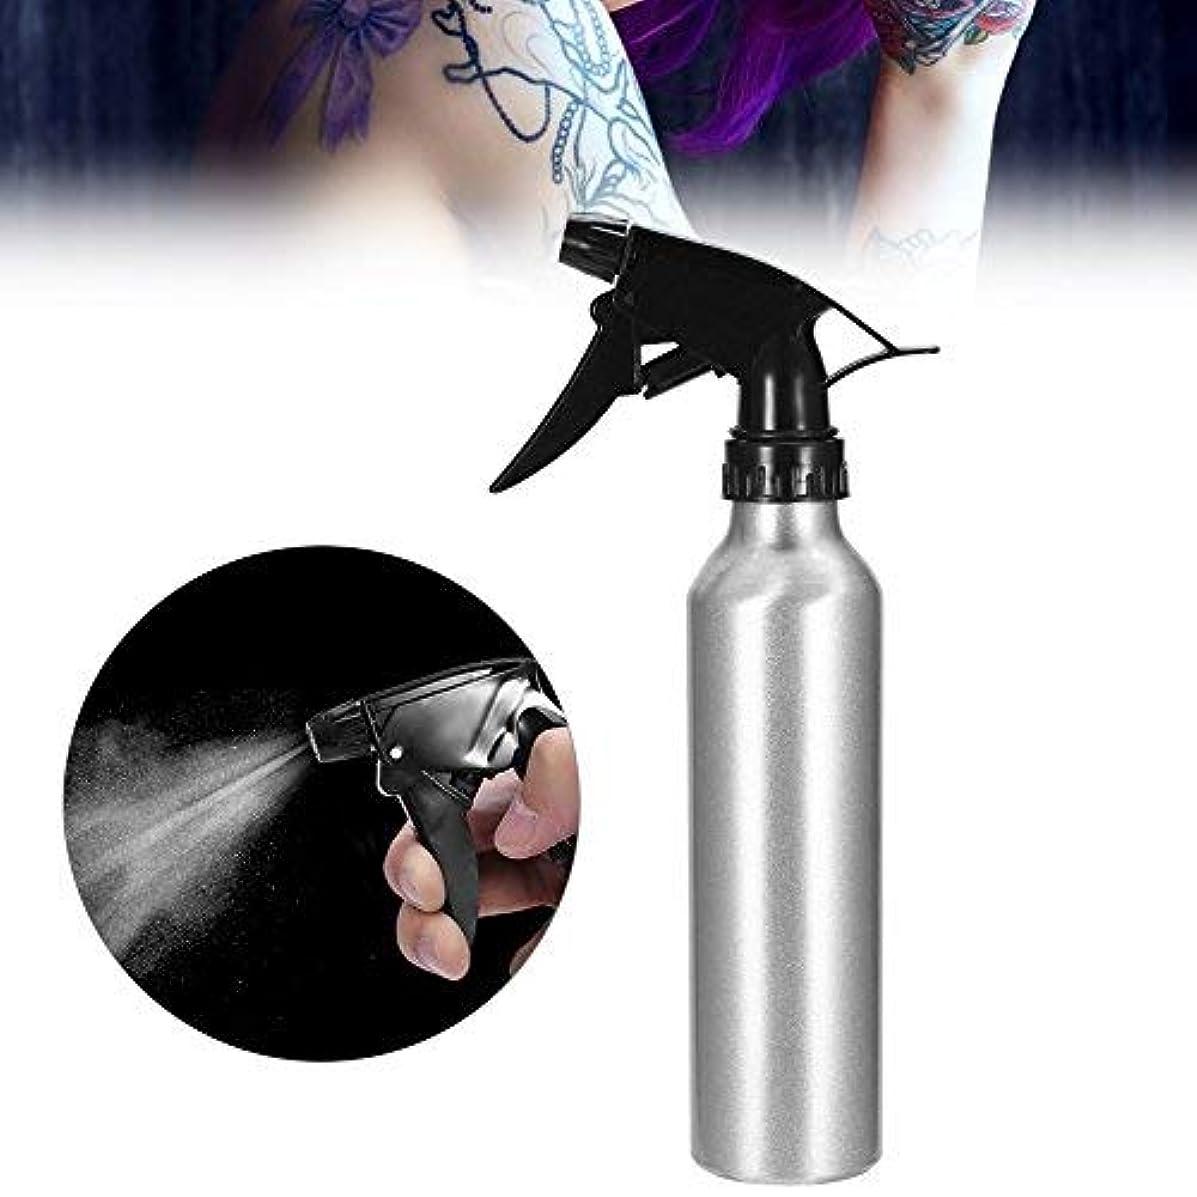 降伏告発味わうochunアルミスプレーボトル 250ml 霧吹き 入れ墨用 美容美髪用 タトゥースプレーボトル 耐久性(#2)